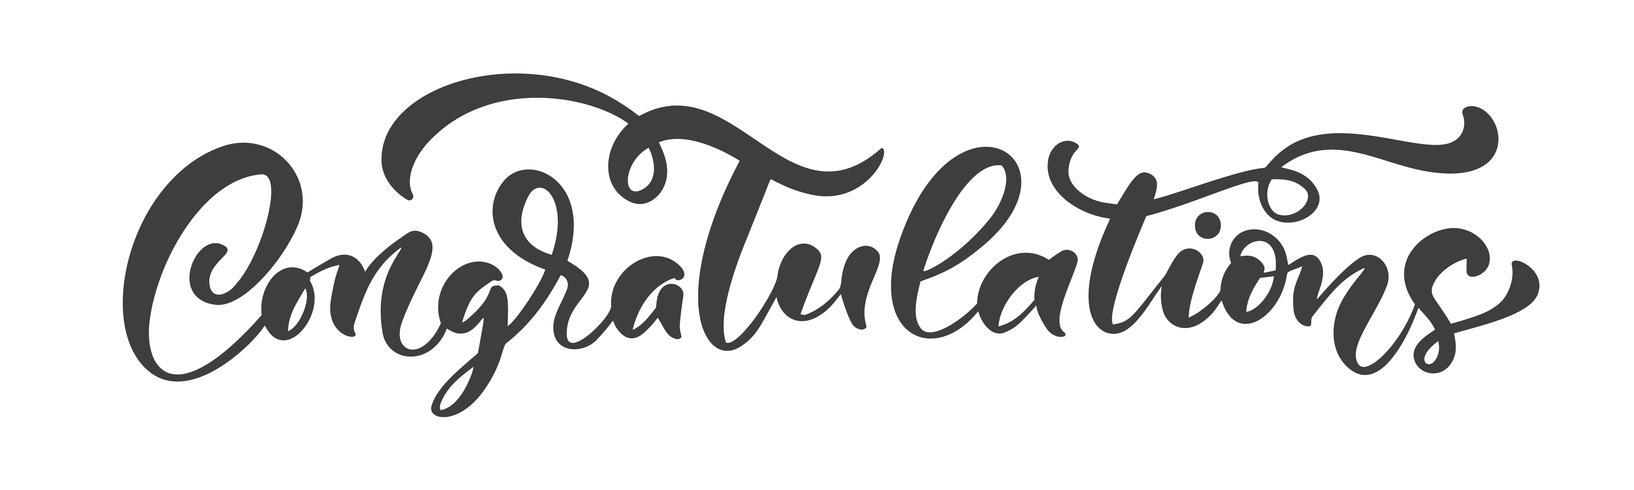 """Calligraphie dessiné à la main lettrage texte isolé """"Félicitations"""" vecteur"""